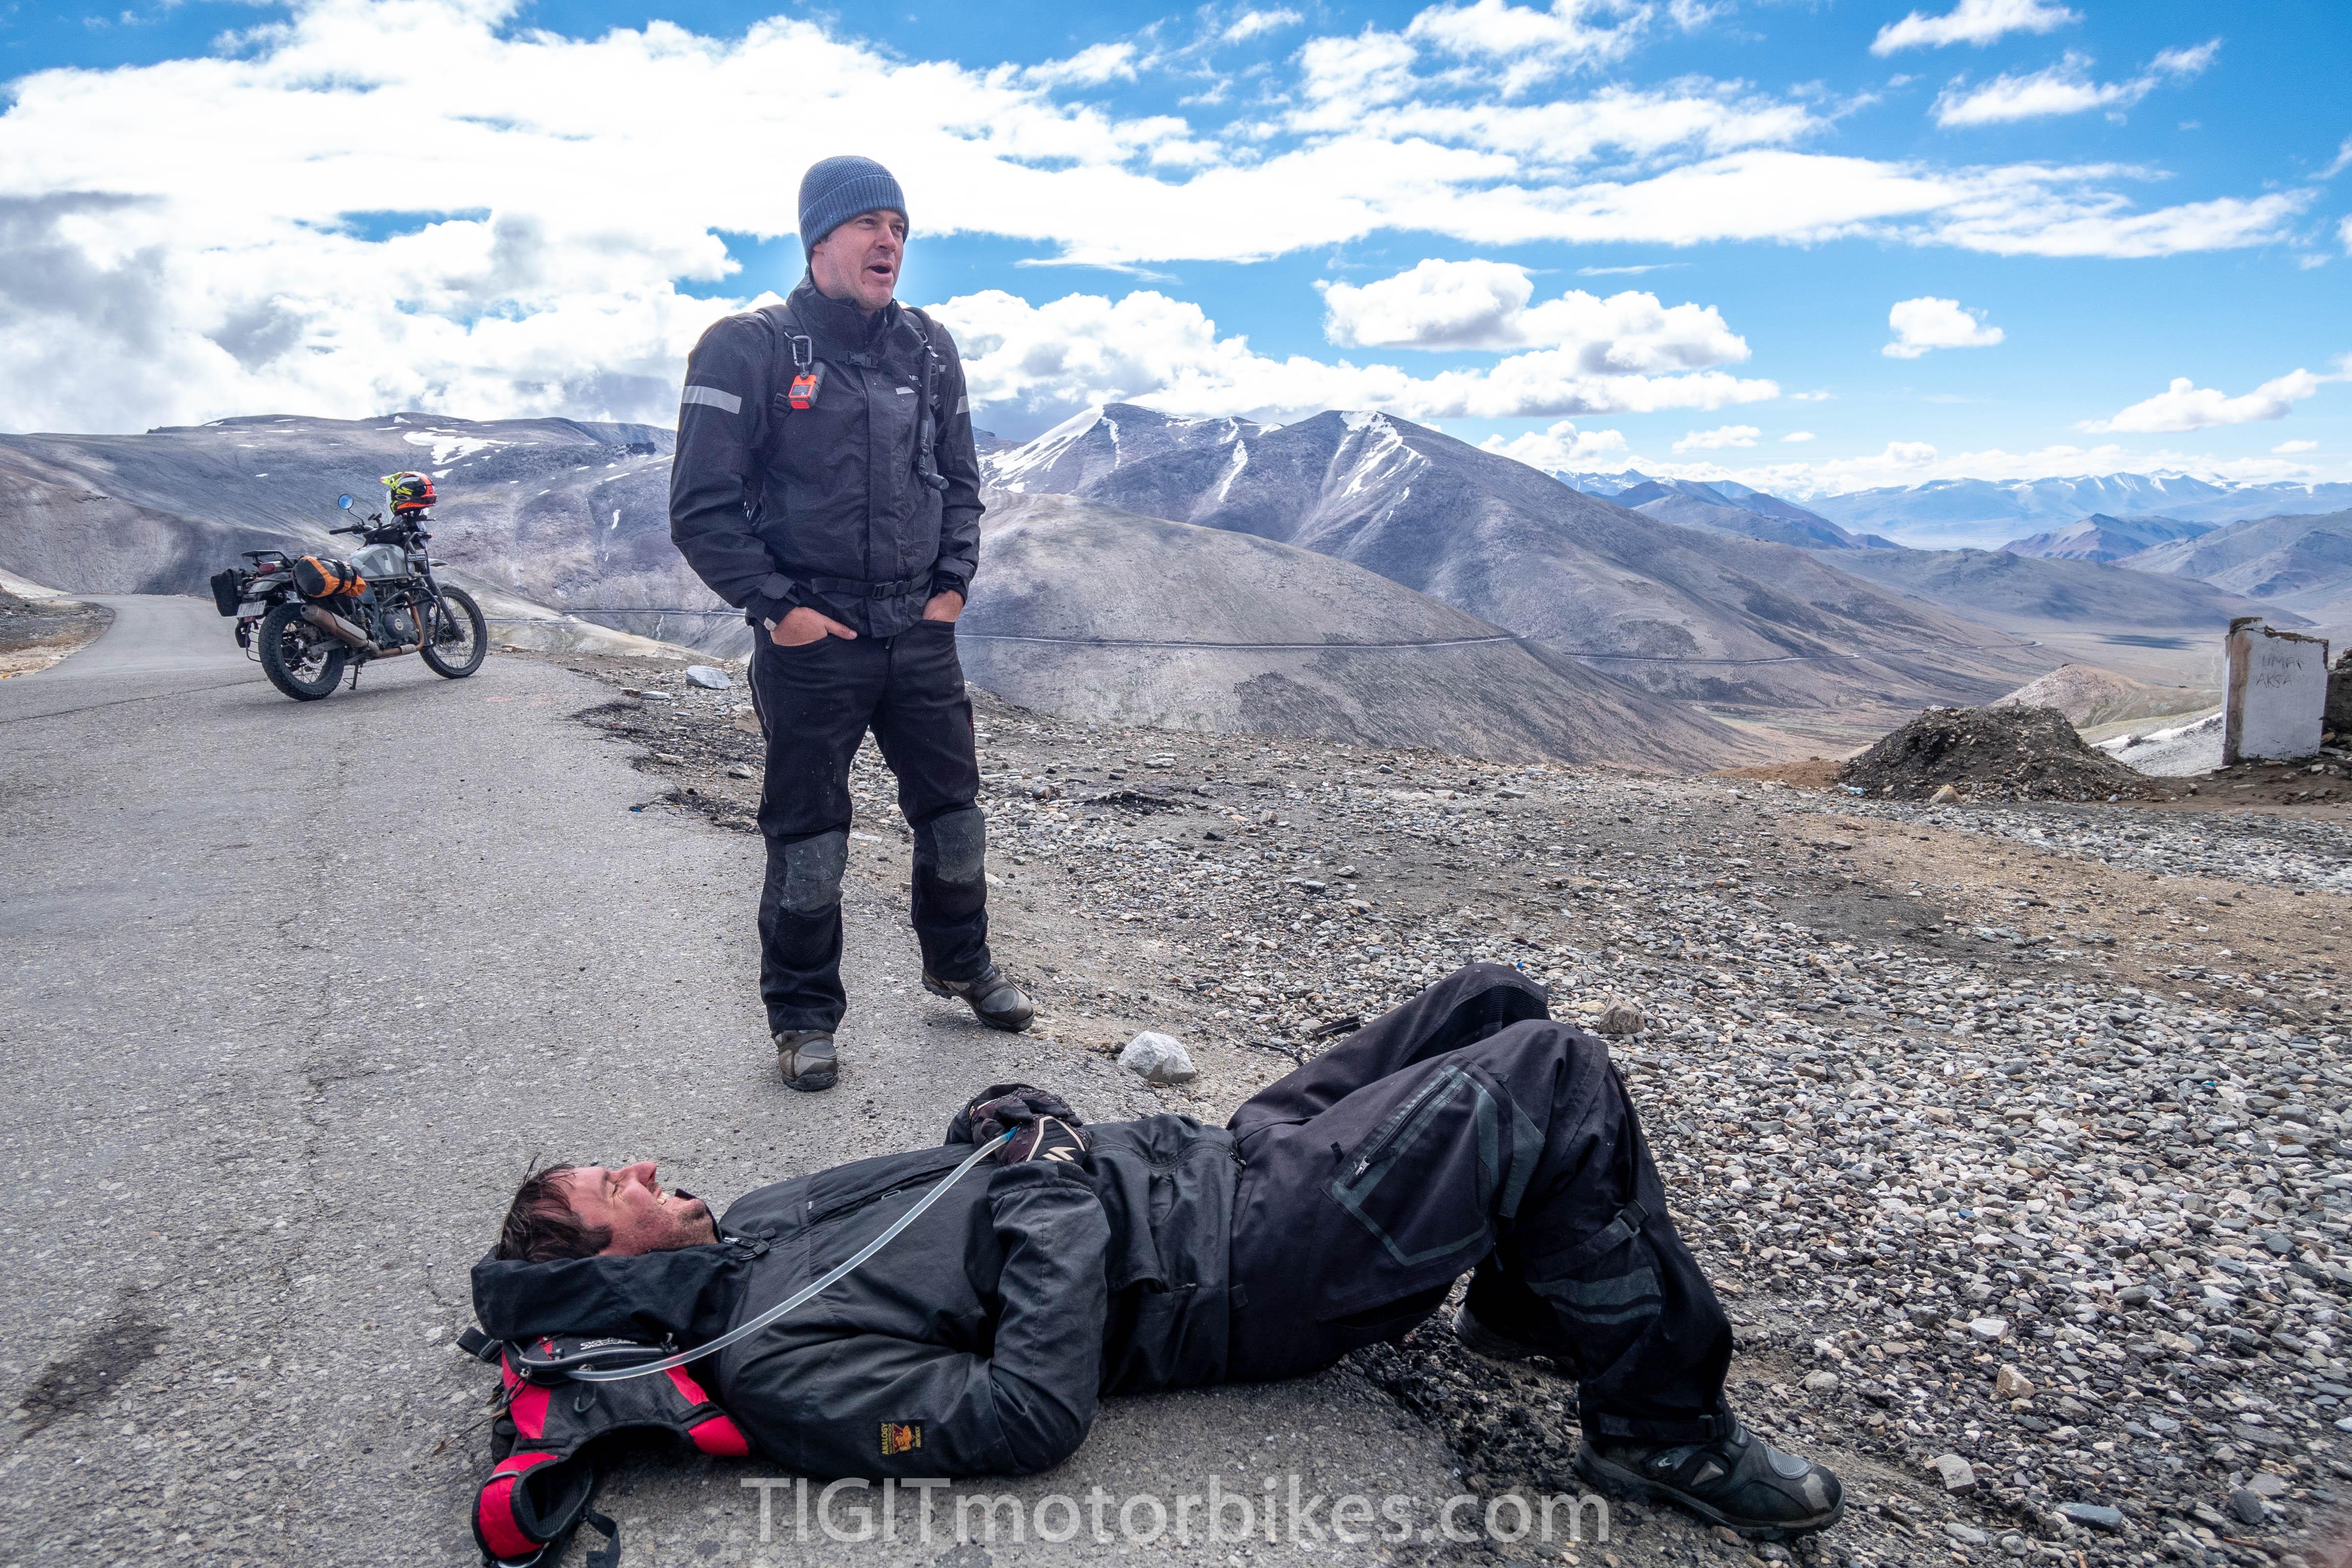 High Altitude Himalayans